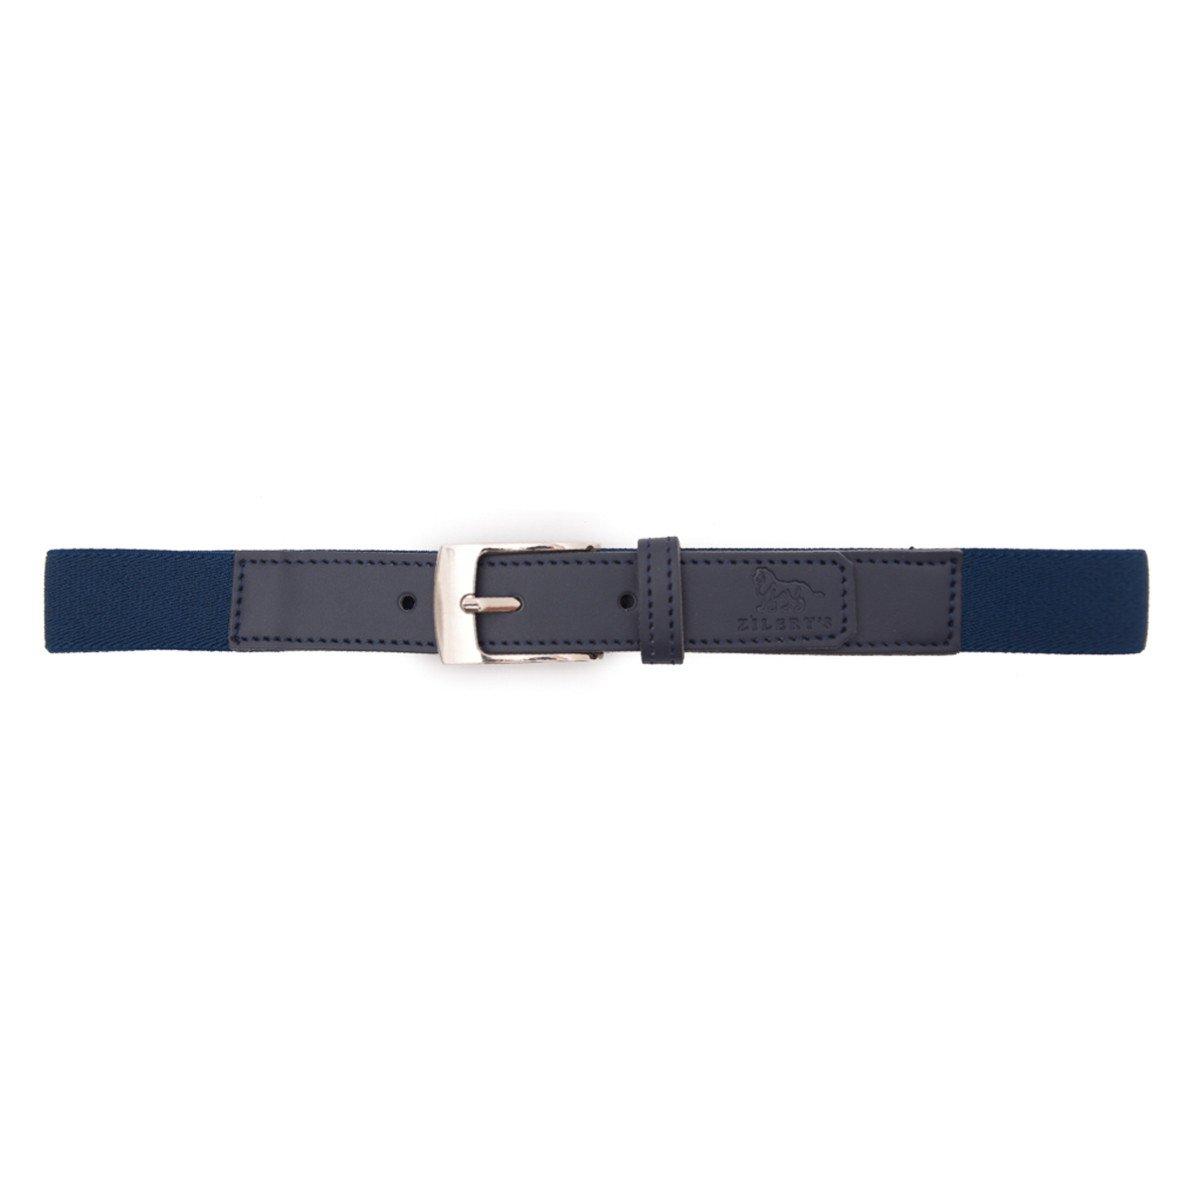 b47c9bd21 Cinturon elastico de resorte » Zilerys